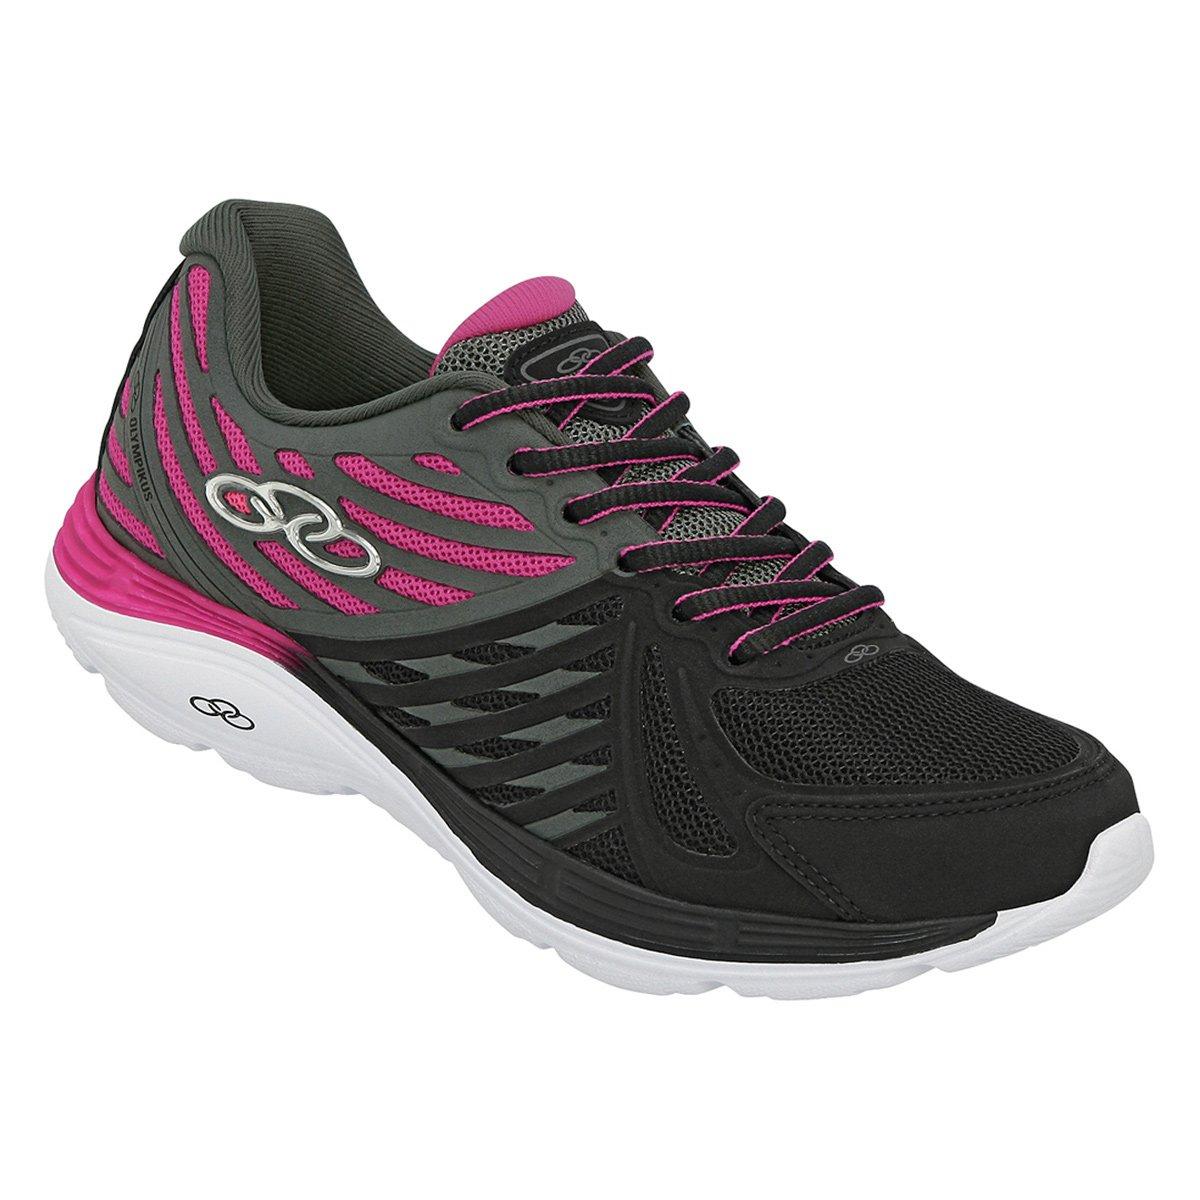 c9c7aec5493 Tênis Olympikus Flix 2 Feminino - Preto e Pink - Compre Agora